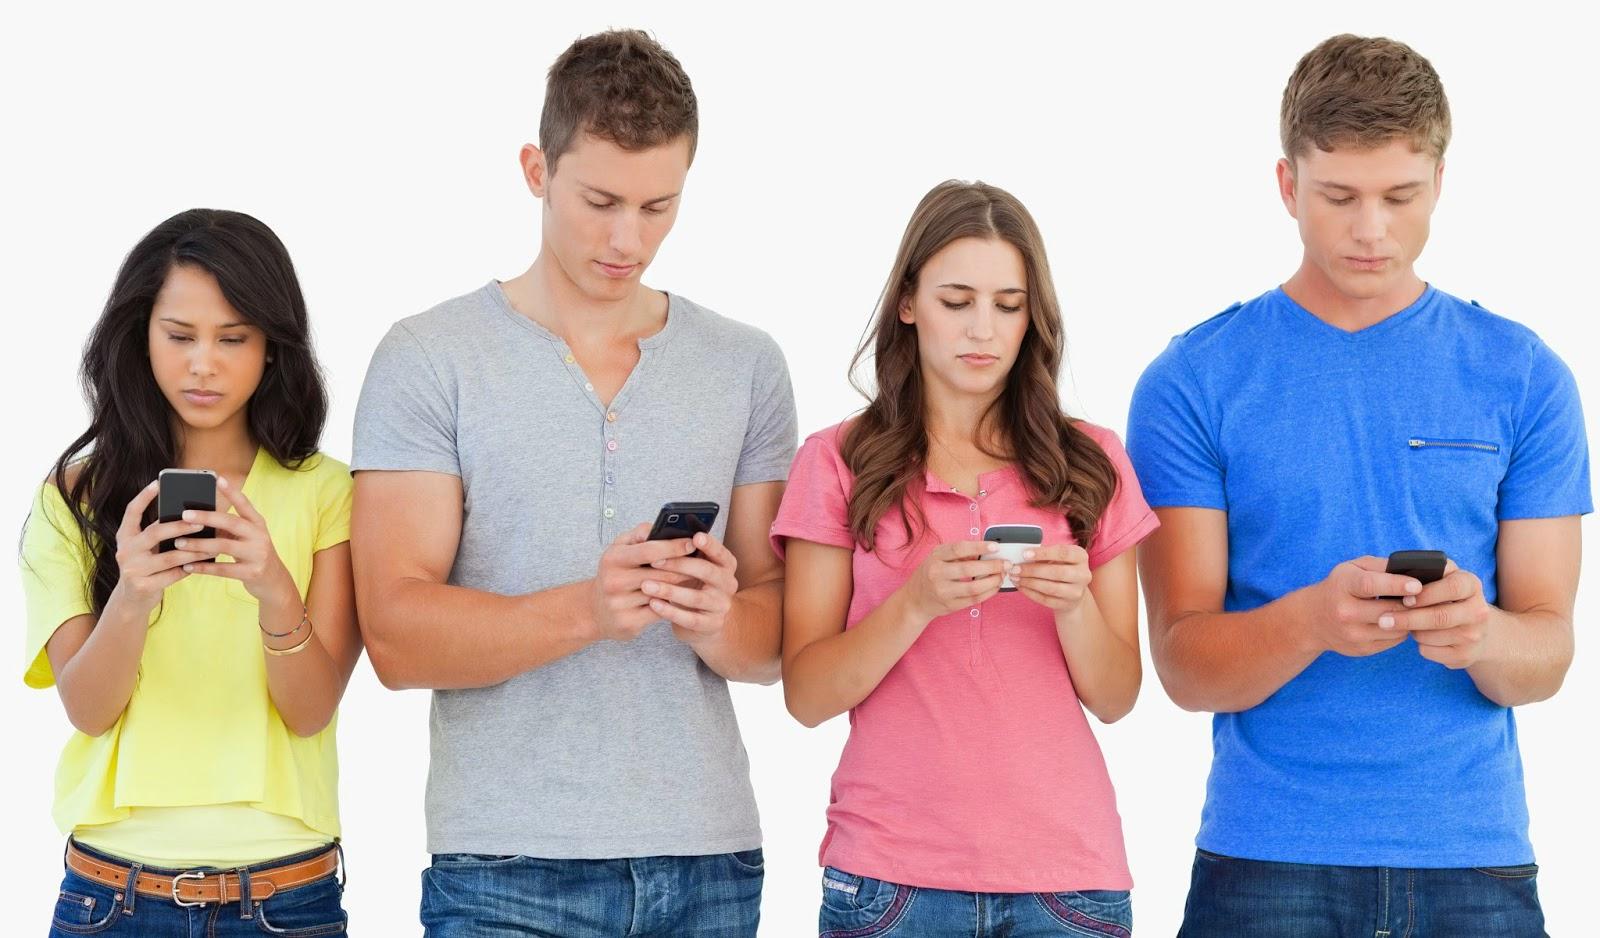 vnnewbiz.com - Cách nạp tiền điện thoại mobifone online chiết khấu cao nhất